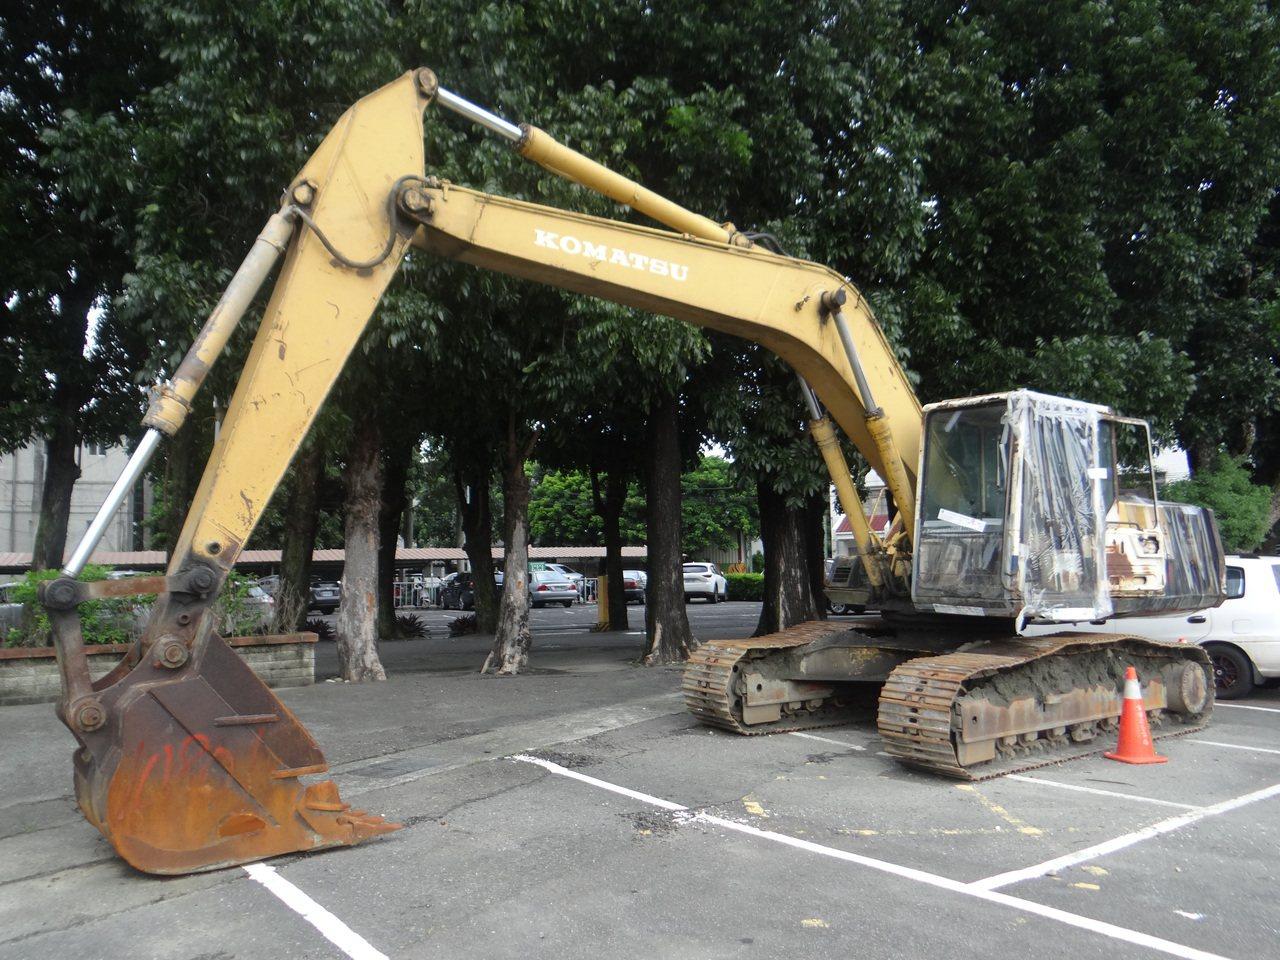 這輛大型挖土機第一次拍賣流標,雲林地檢署今天二度拍賣,主動降價20萬元,結果出乎...